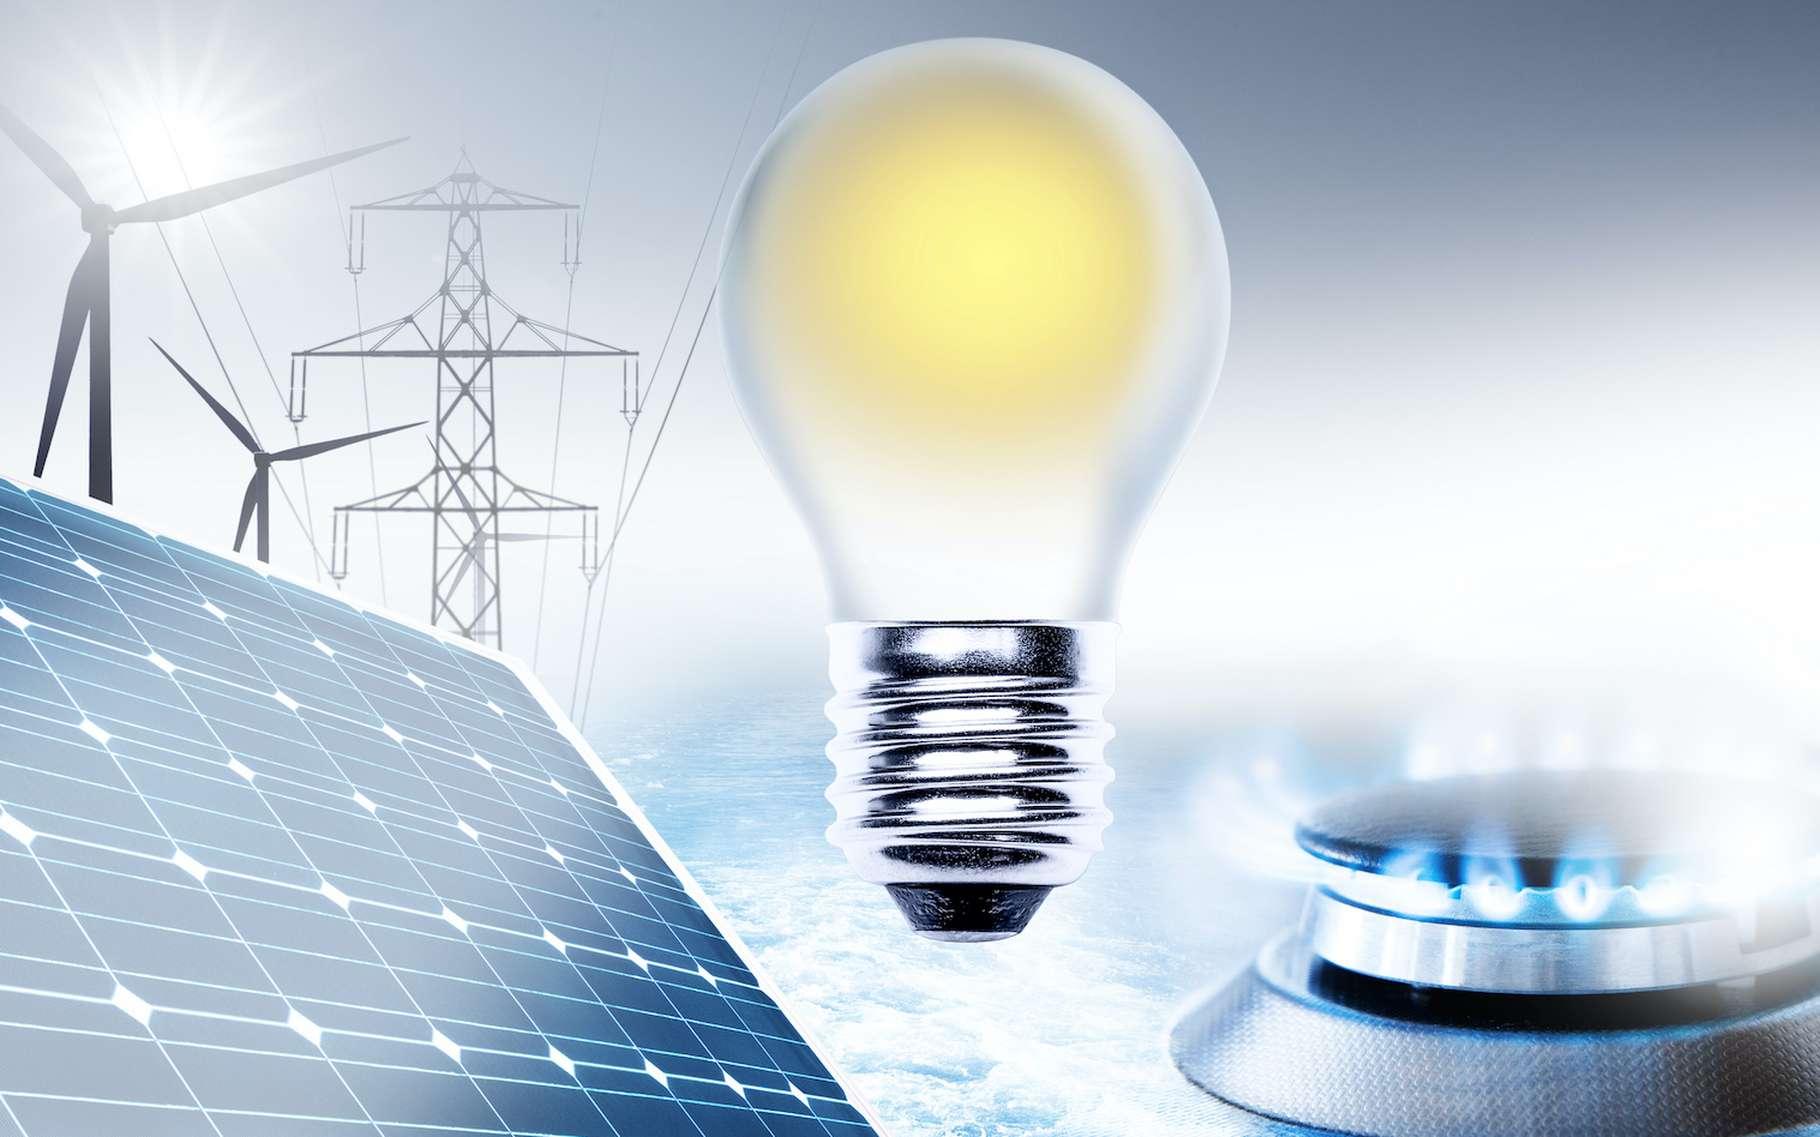 Entre la fin 2020 et le début 2021, de nombreux professionnels vont devoir choisir un nouveau contrat gaz ou électricité en réaction à la fin des tarifs réglementés de vente. © by-studio, Adobe Stock